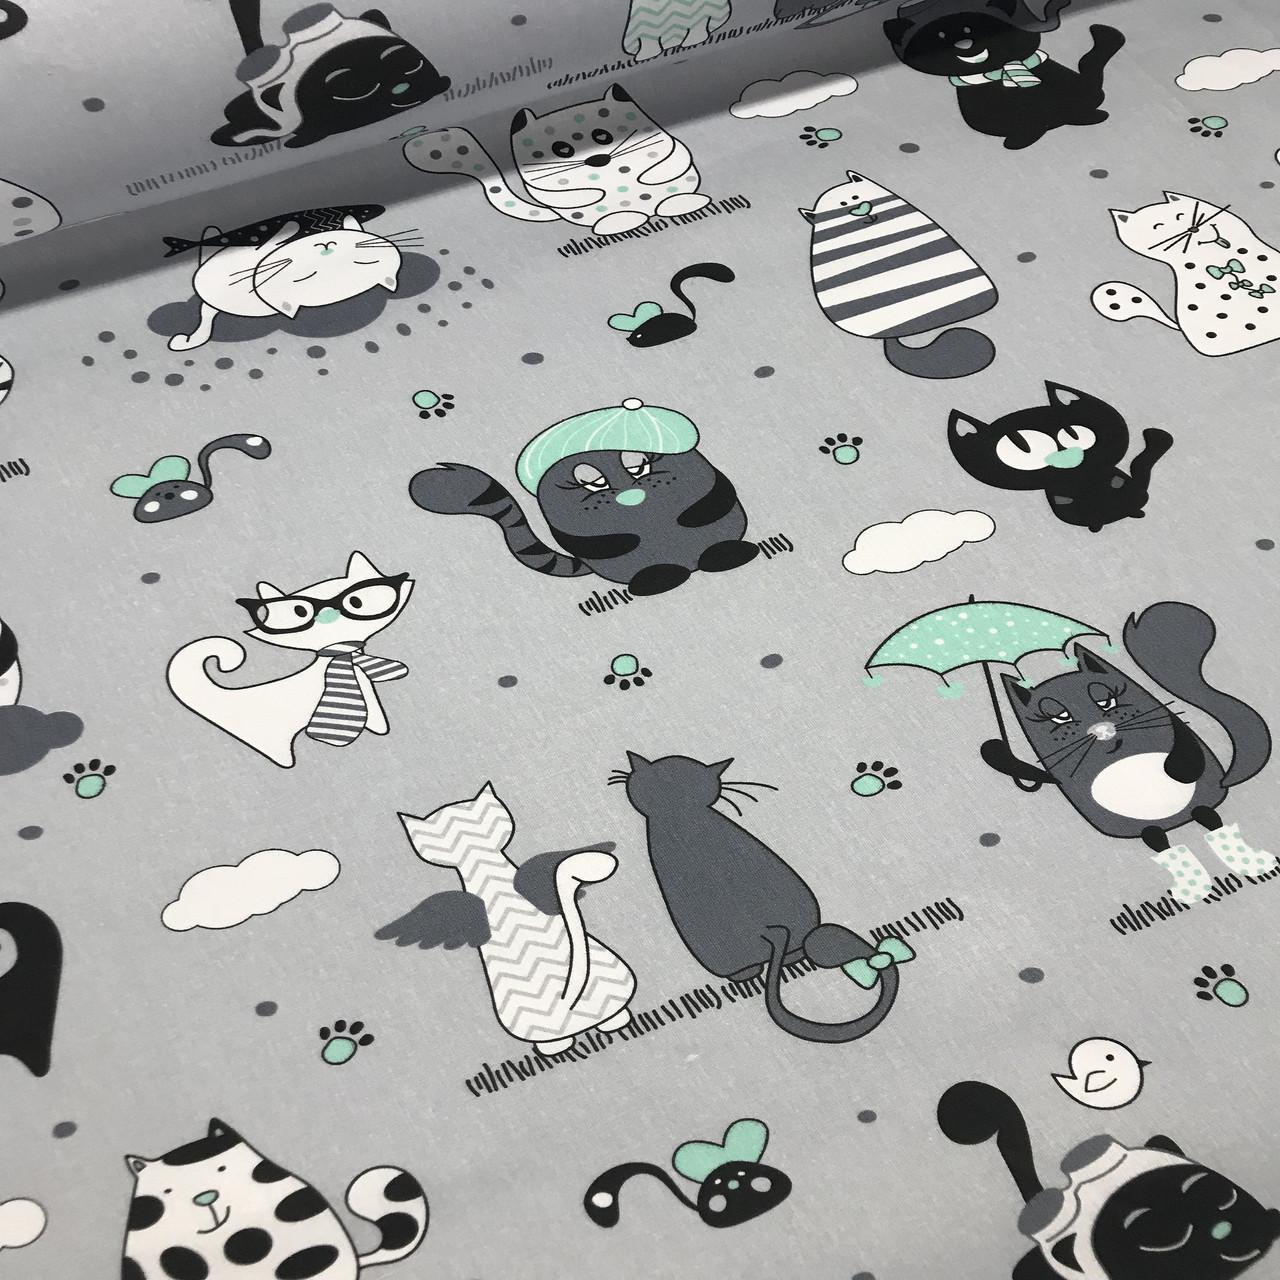 Хлопковая ткань польская коты серые и белые, с мятными зонтиками и мятными лапками на сером №44